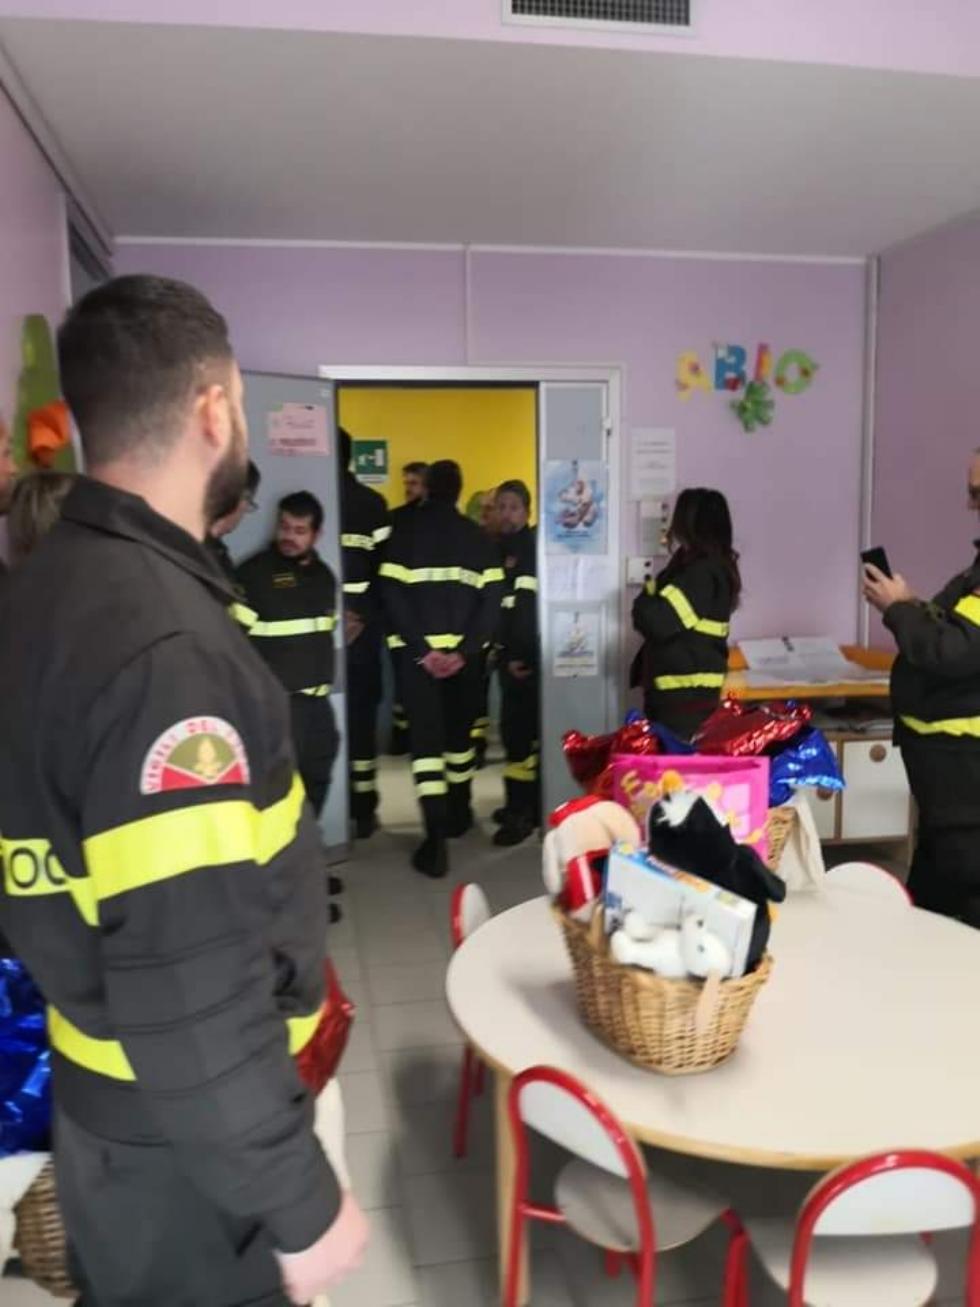 RIVOLI - I vigili del fuoco di Grugliasco, Rivoli e Rivalta in visita ai bambini ricoverati in ospedale